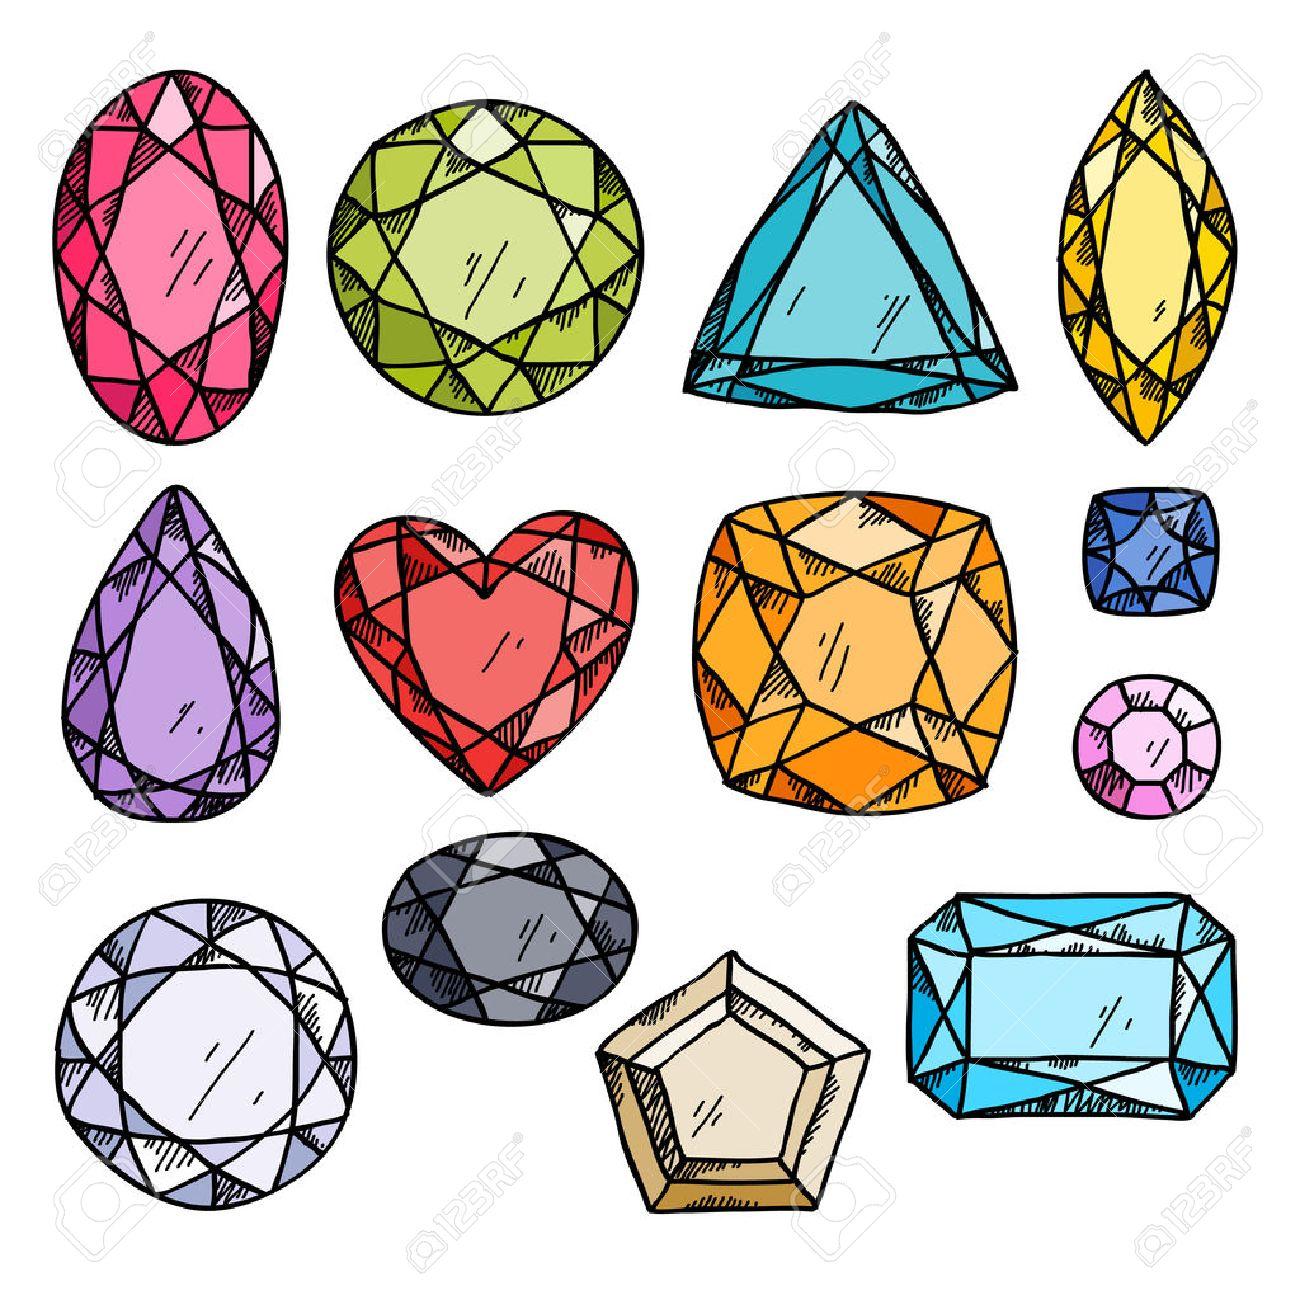 81922ce85028 Conjunto de joyas de colores. Piedras preciosas dibujadas a mano.  Ilustración del estilo del bosquejo.